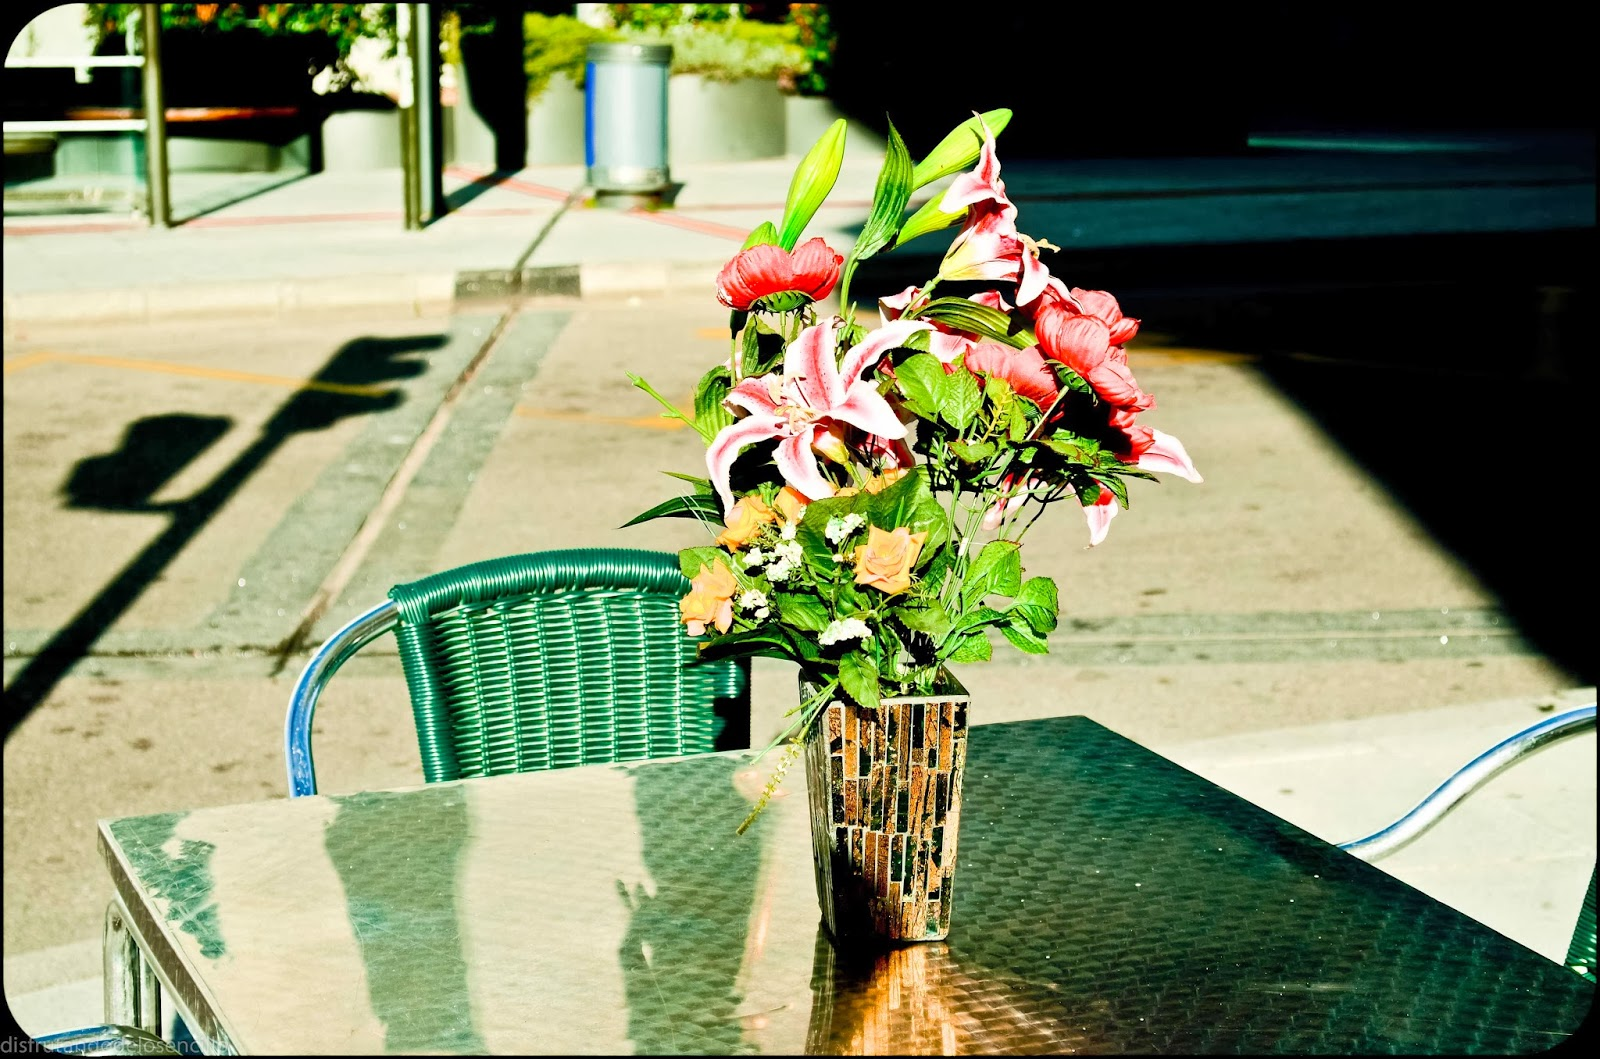 flores en burgos, c.araus